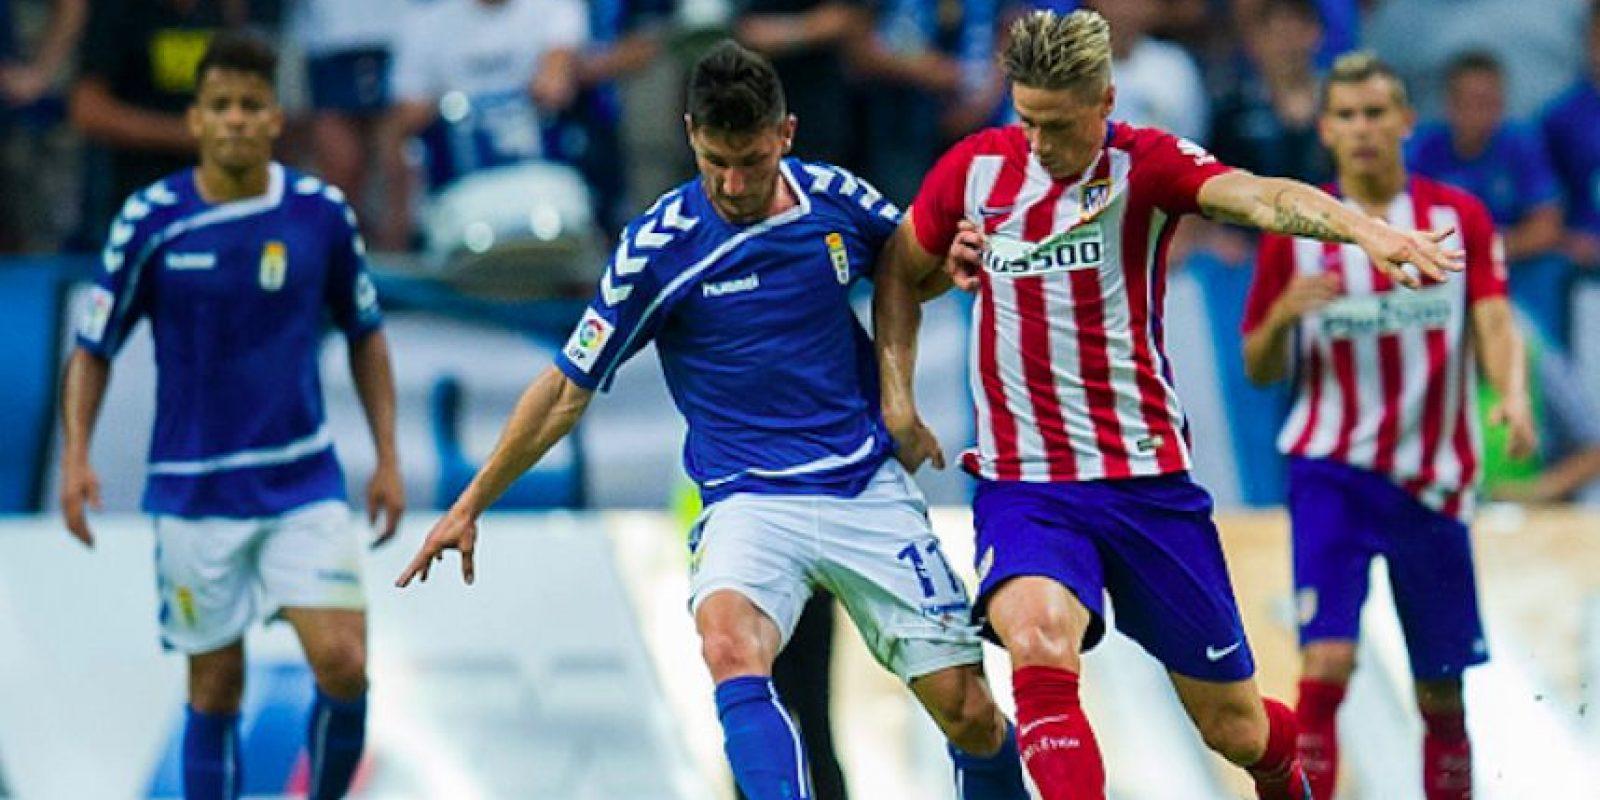 El Real Oviedo se encuentra muy cerca del ascenso en la Liga BBVA. Foto:Getty Images